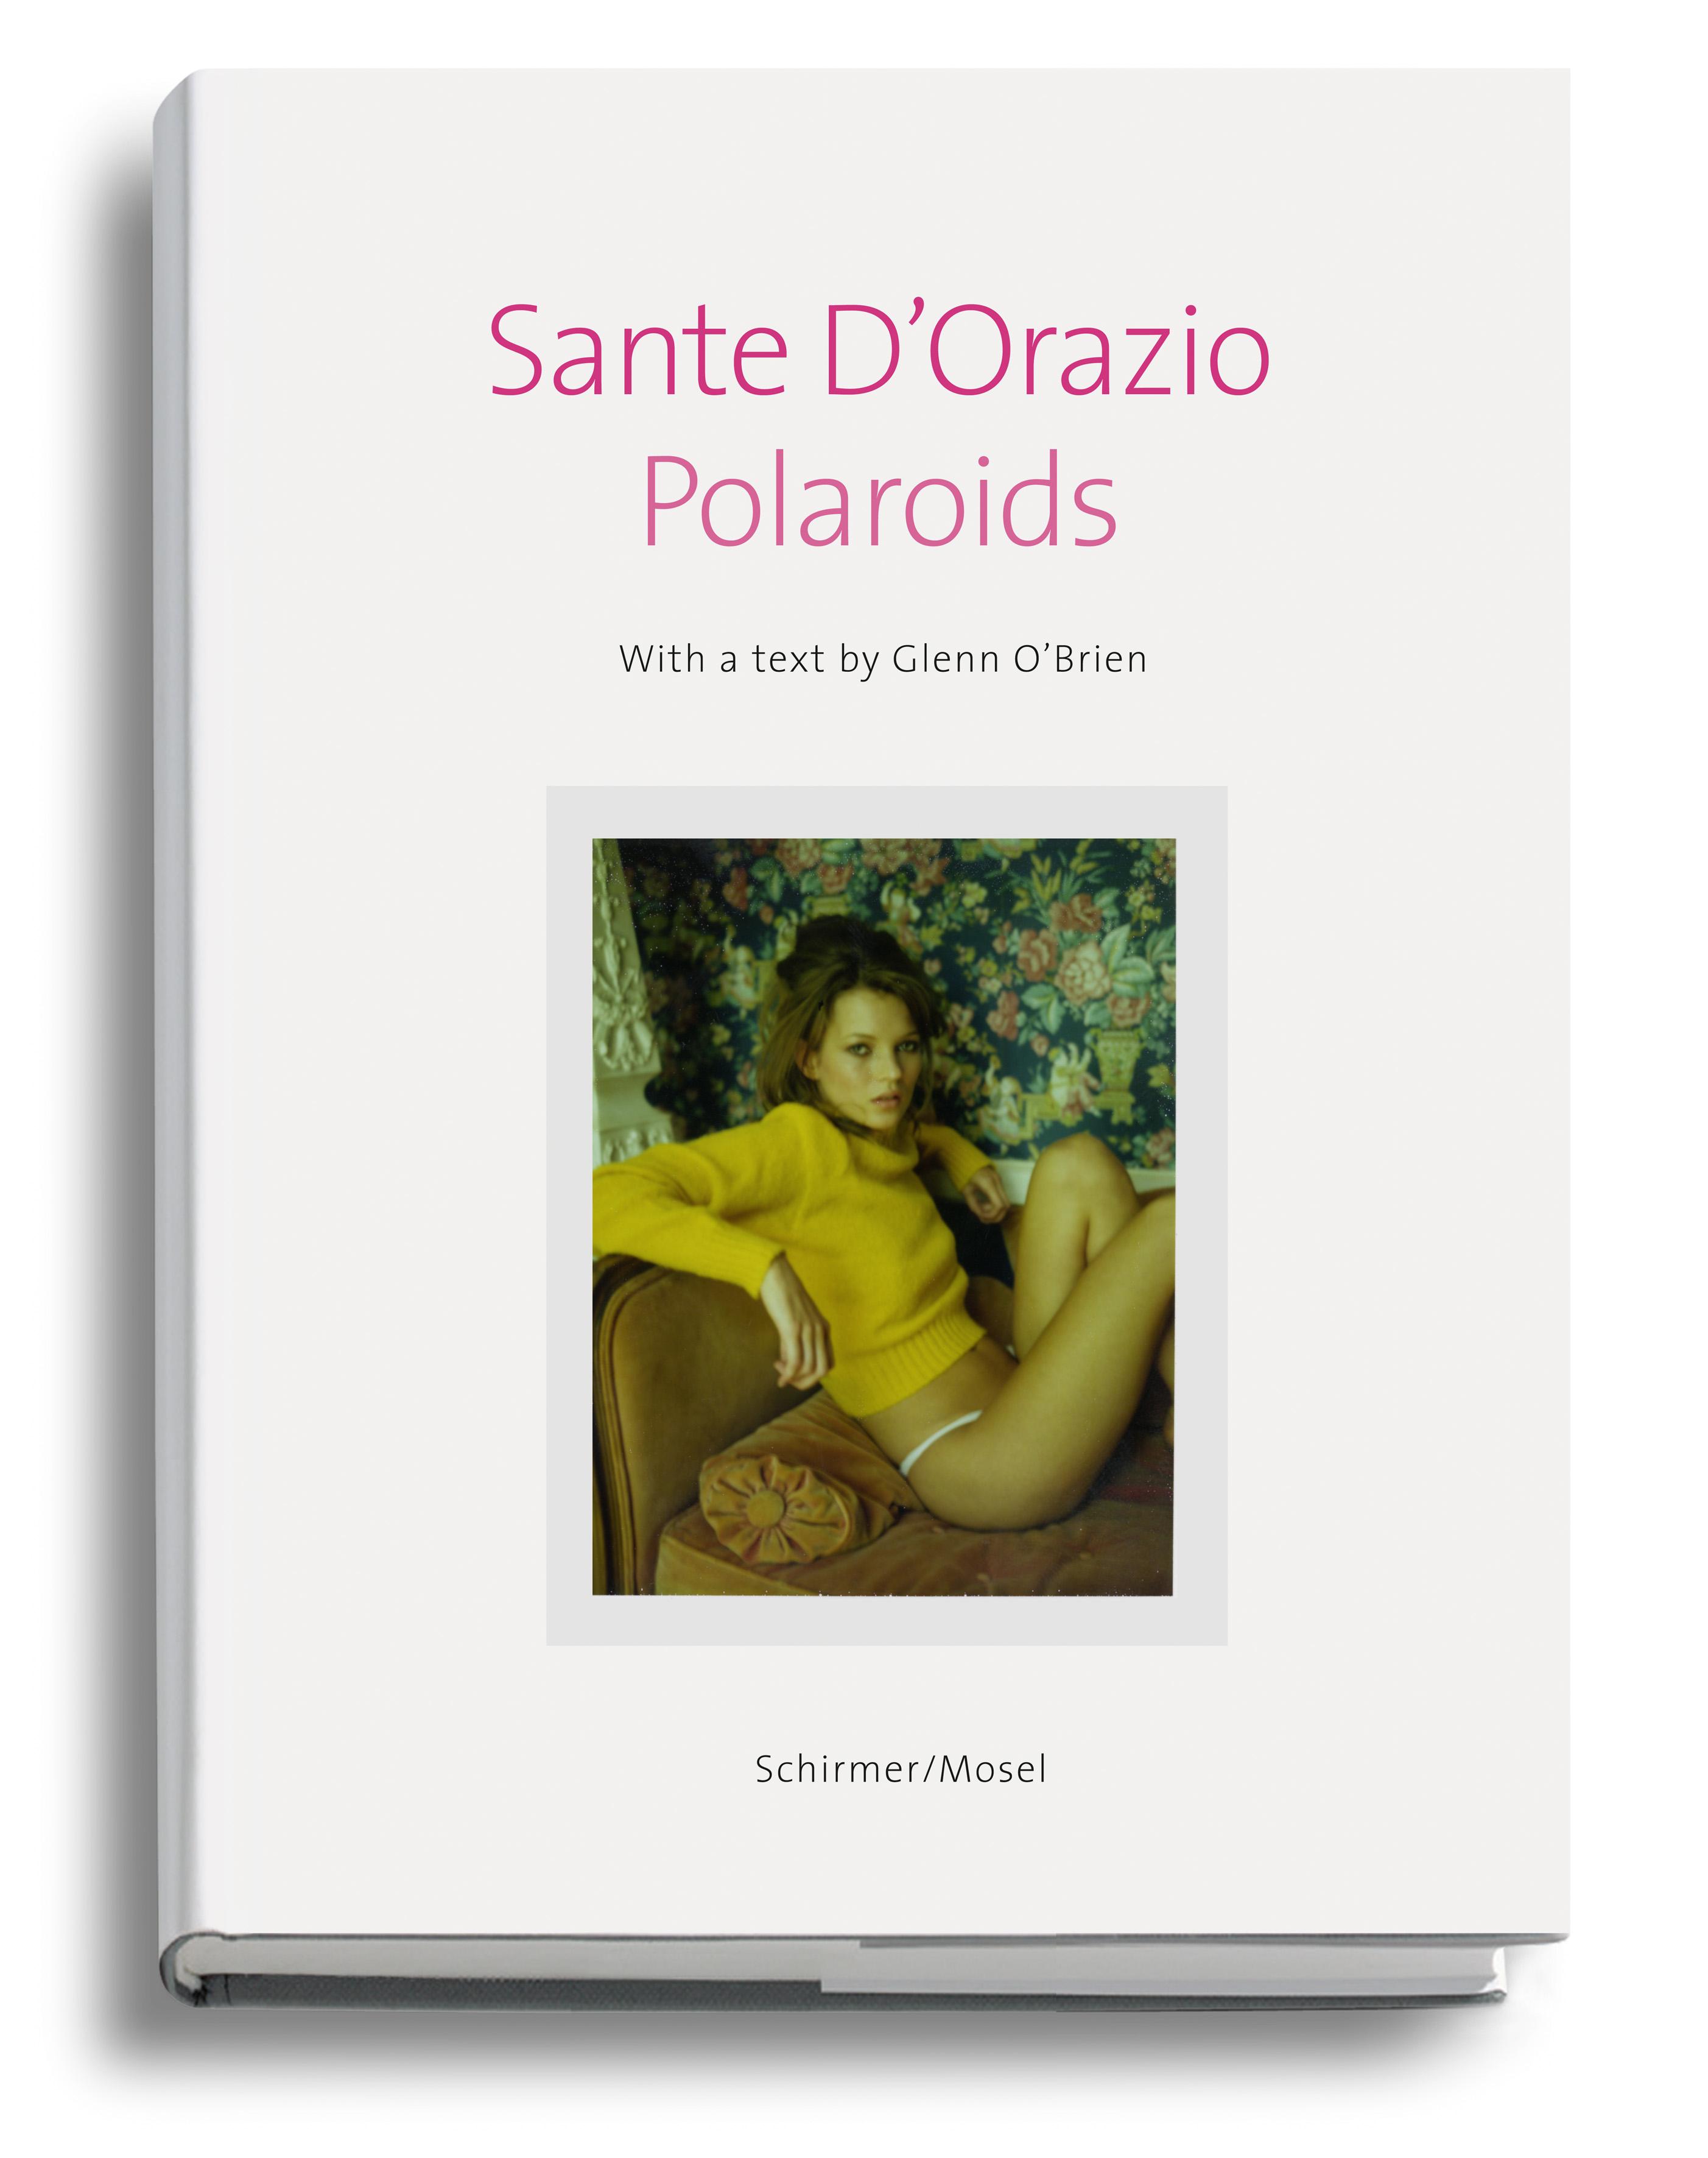 © Sante D'Orazio / courtesy Schirmer/Mosel